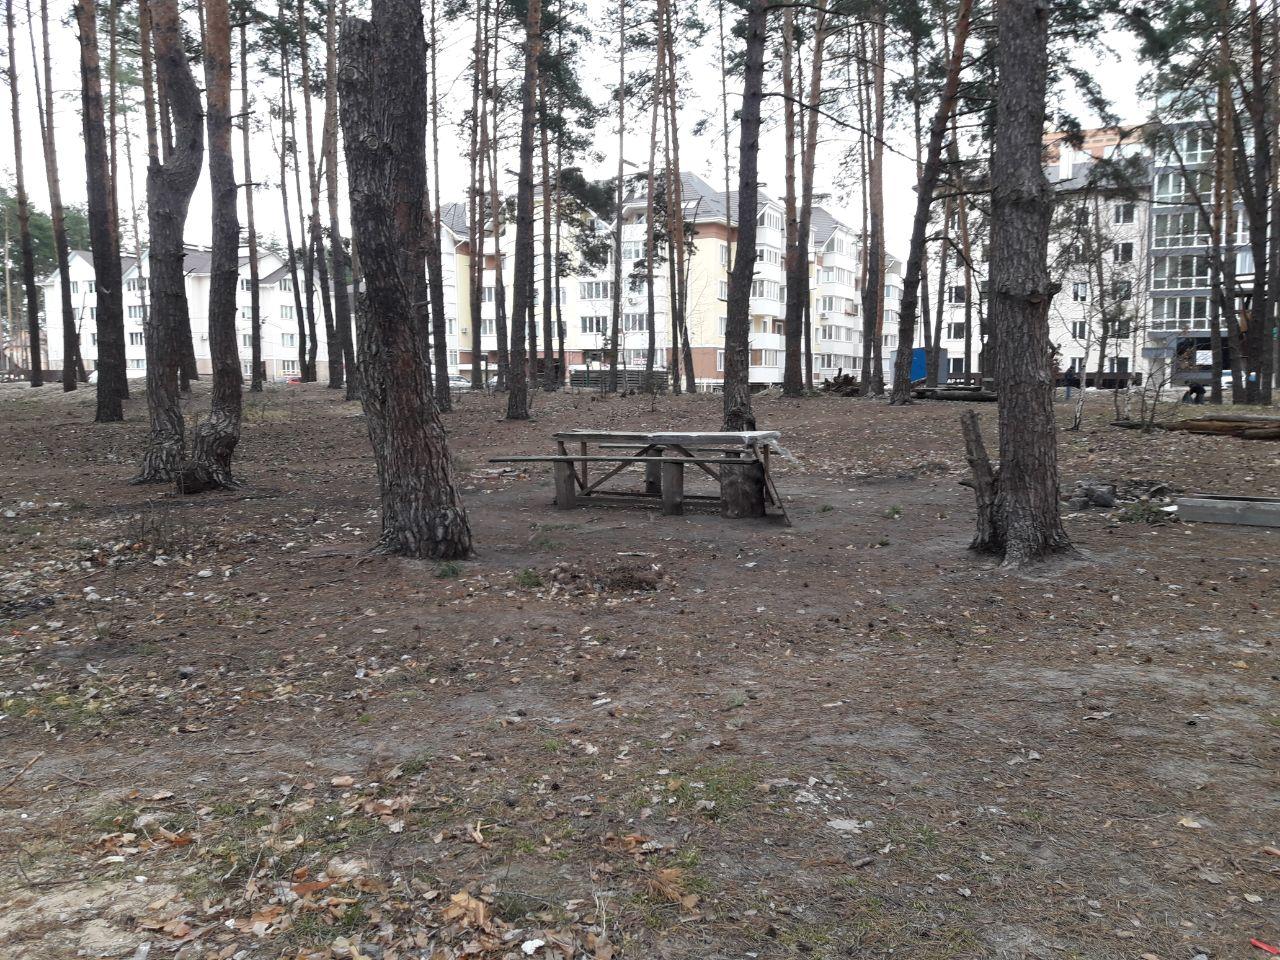 Нова гаряча точка: мешканці перенаселеного району Ірпеня проти забудови скверу по вул. Лісовій -  - IMG 20190525 194620 238